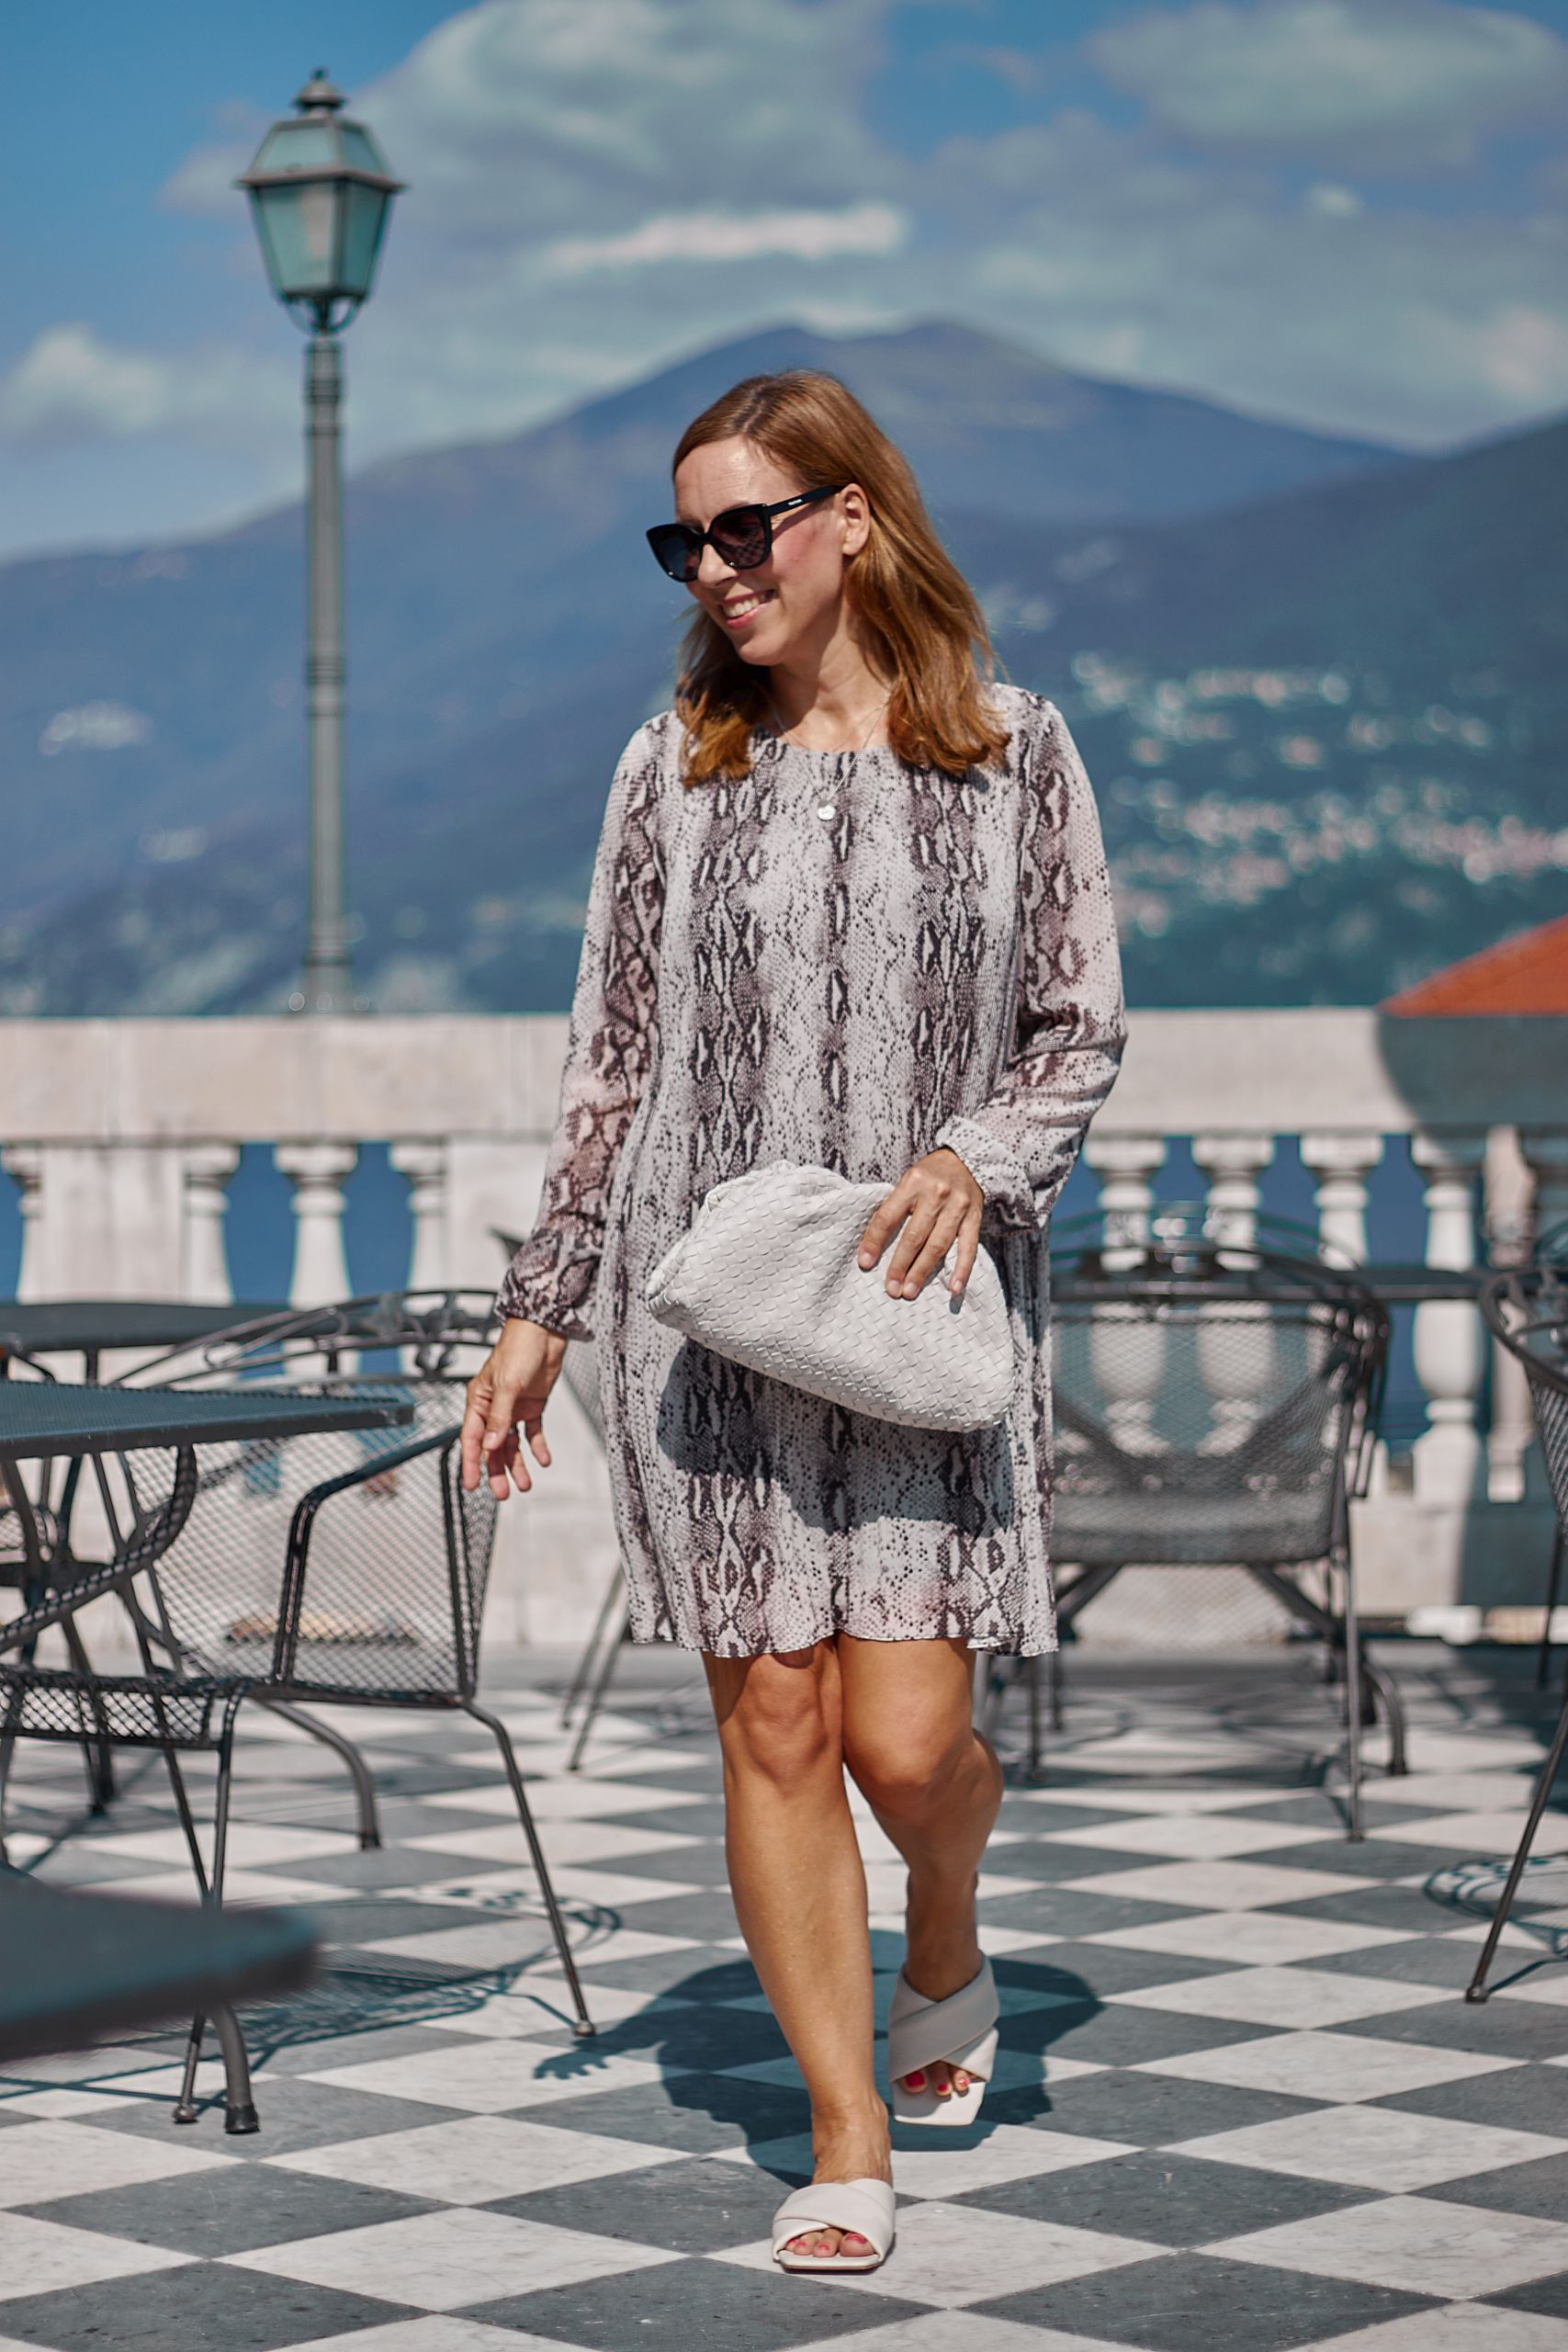 Schlangenmuster Kleid in Plissee von Amy Vermont WENZ im Grand Hotel Cadenabbia am Comer See